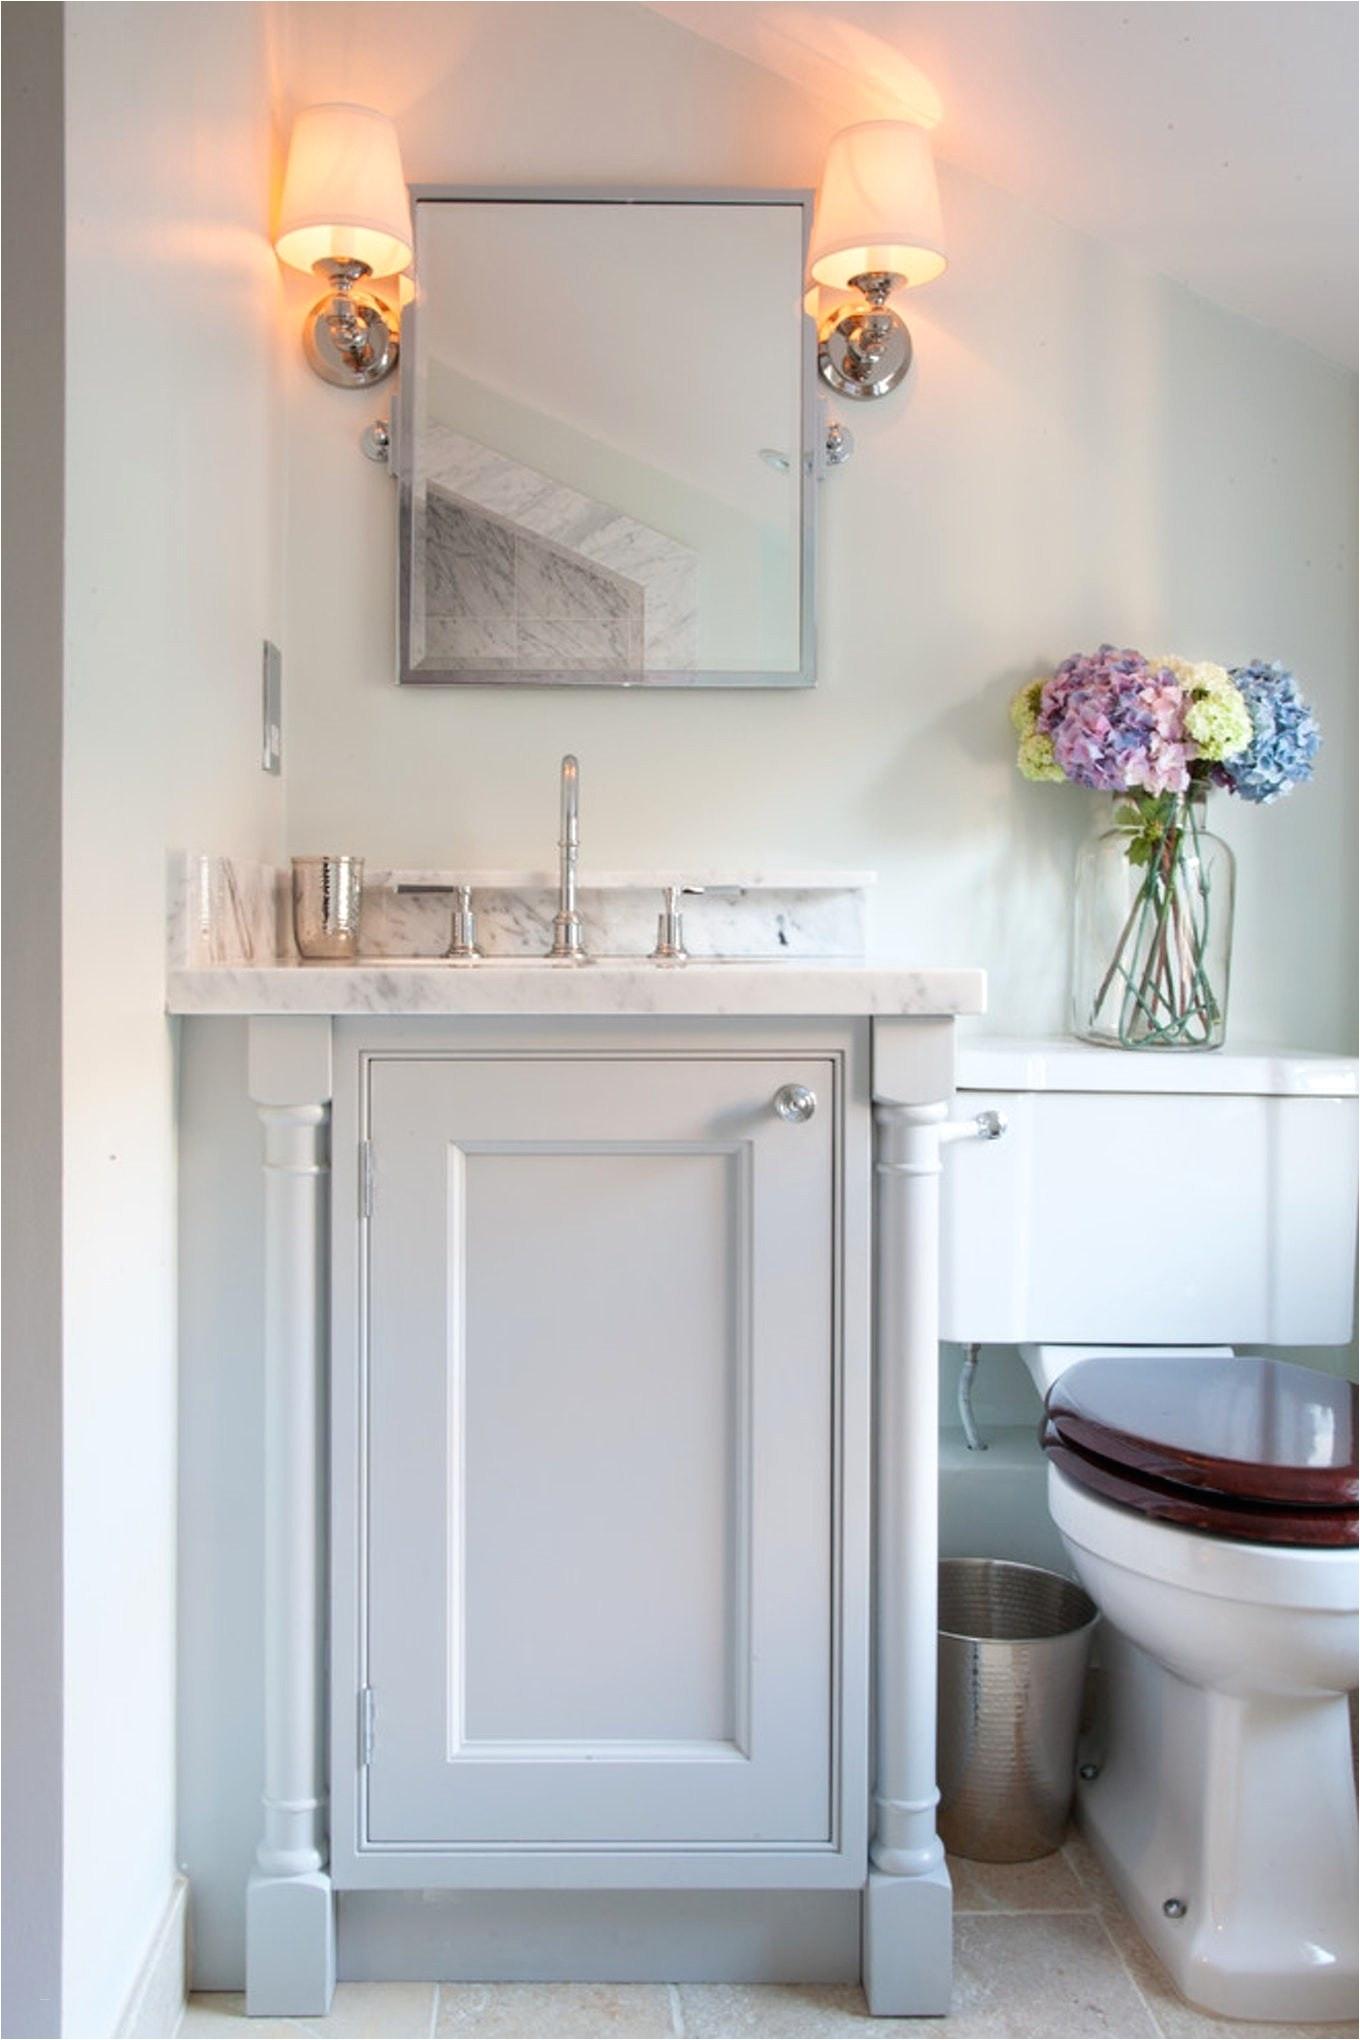 pedestal bathroom sink luxury 1000x1000h sink pedestal storage solutions the cabineti 0d